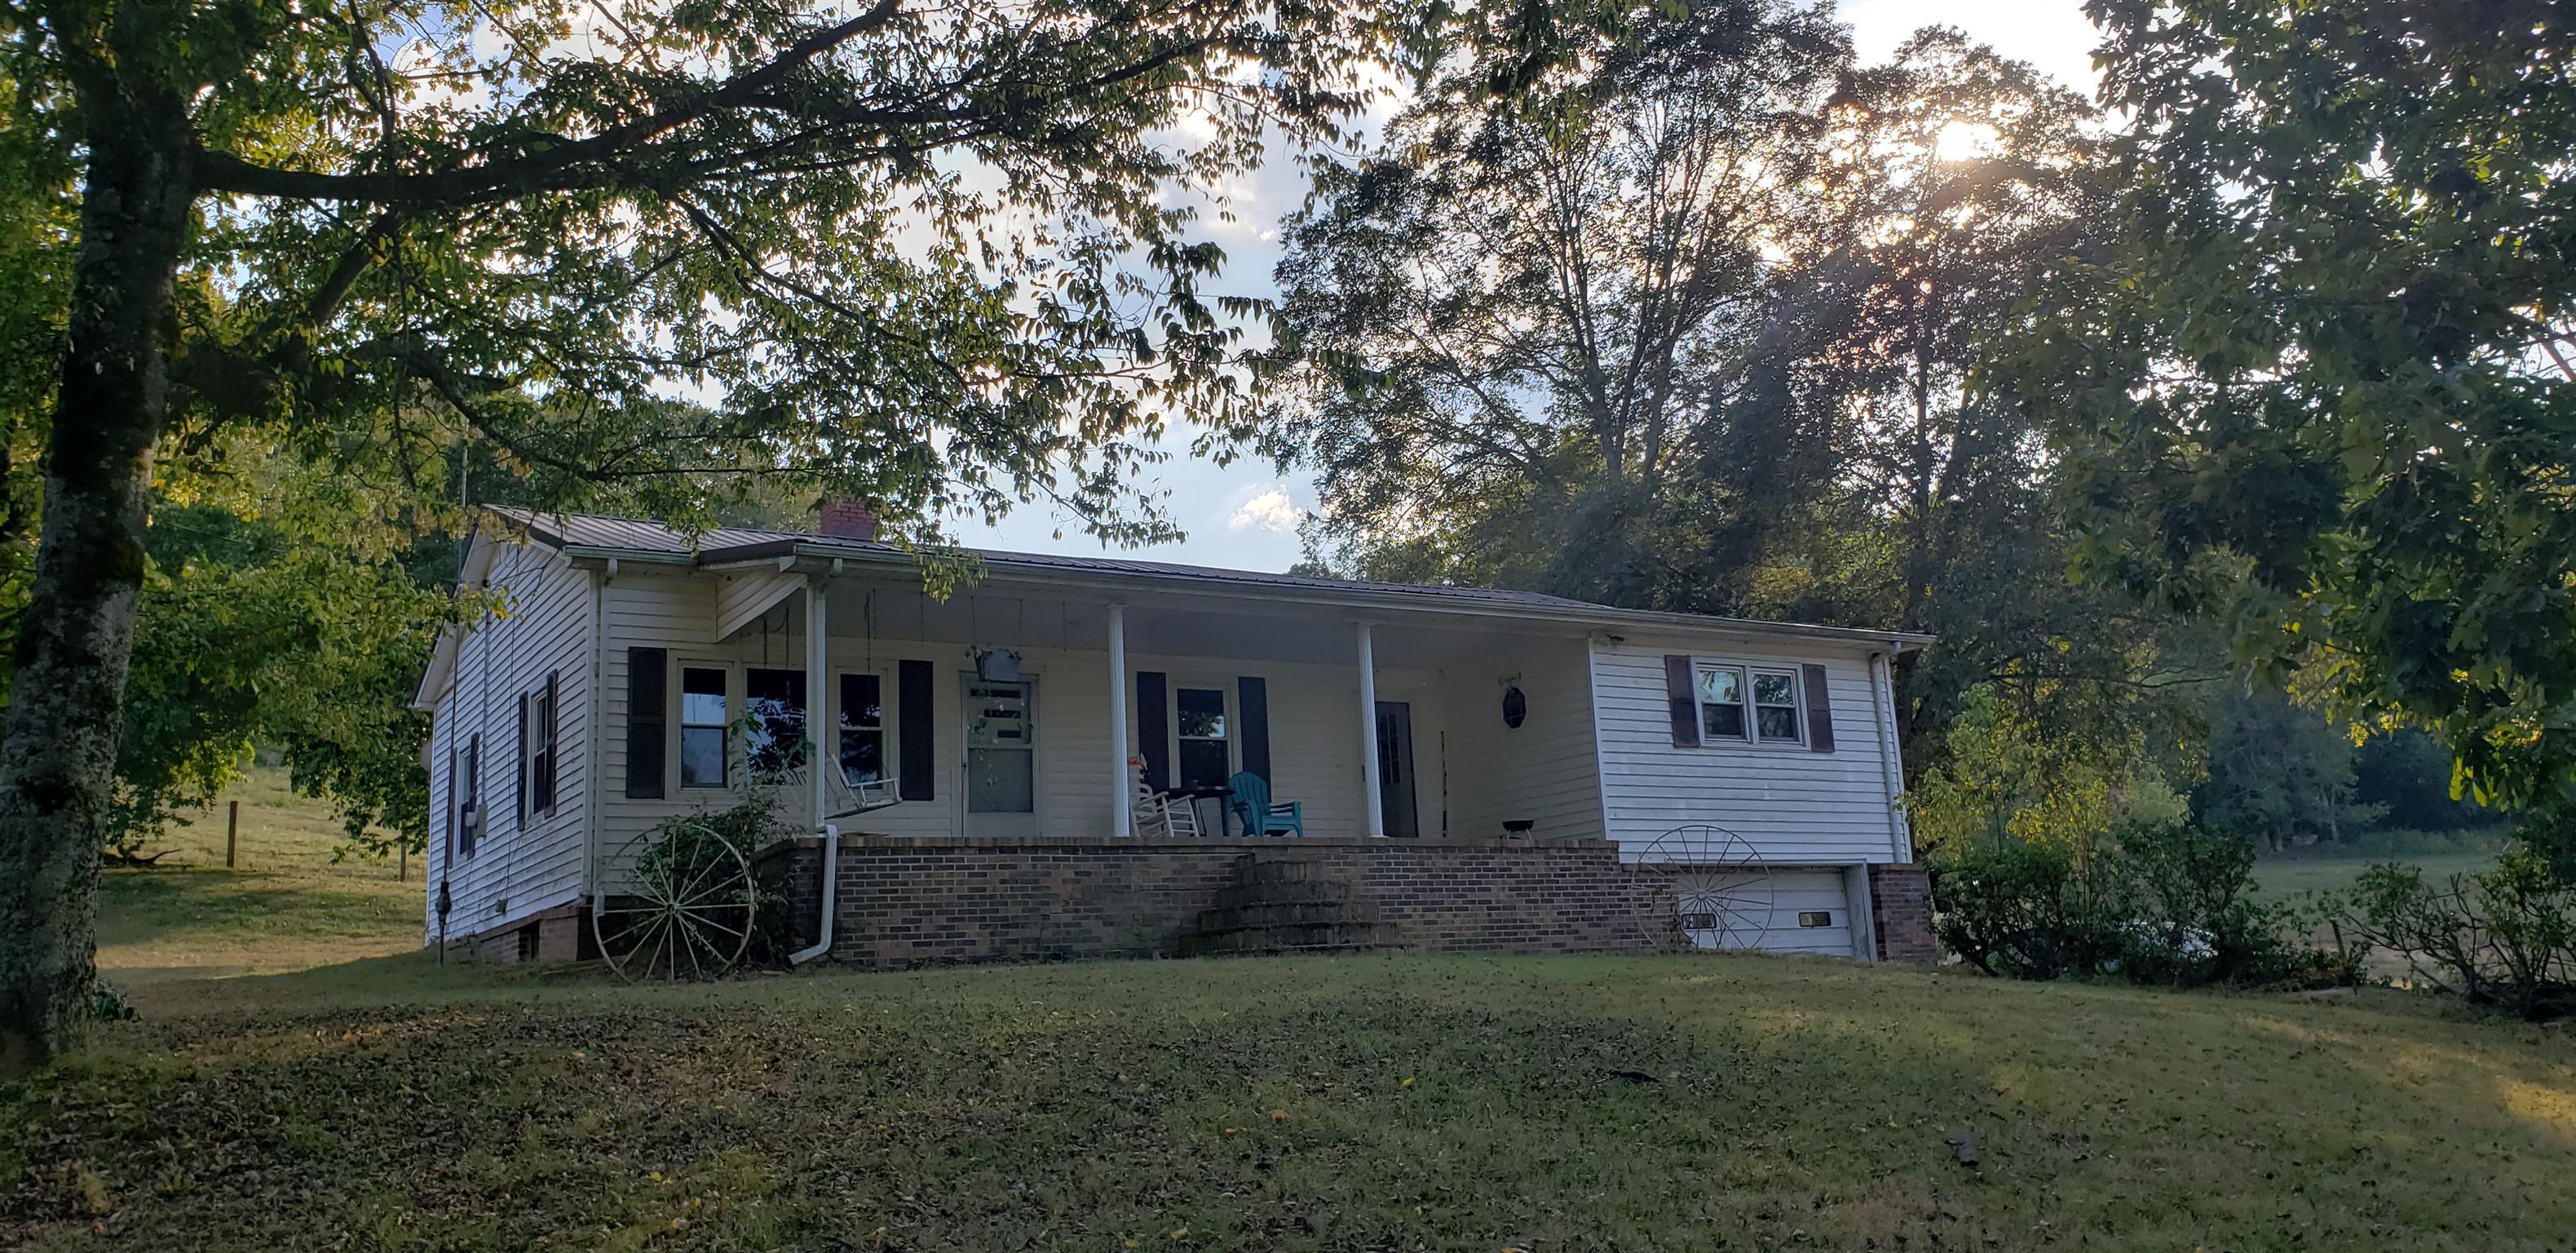 400 Higgins Rd, Wartrace, TN 37183 - Wartrace, TN real estate listing